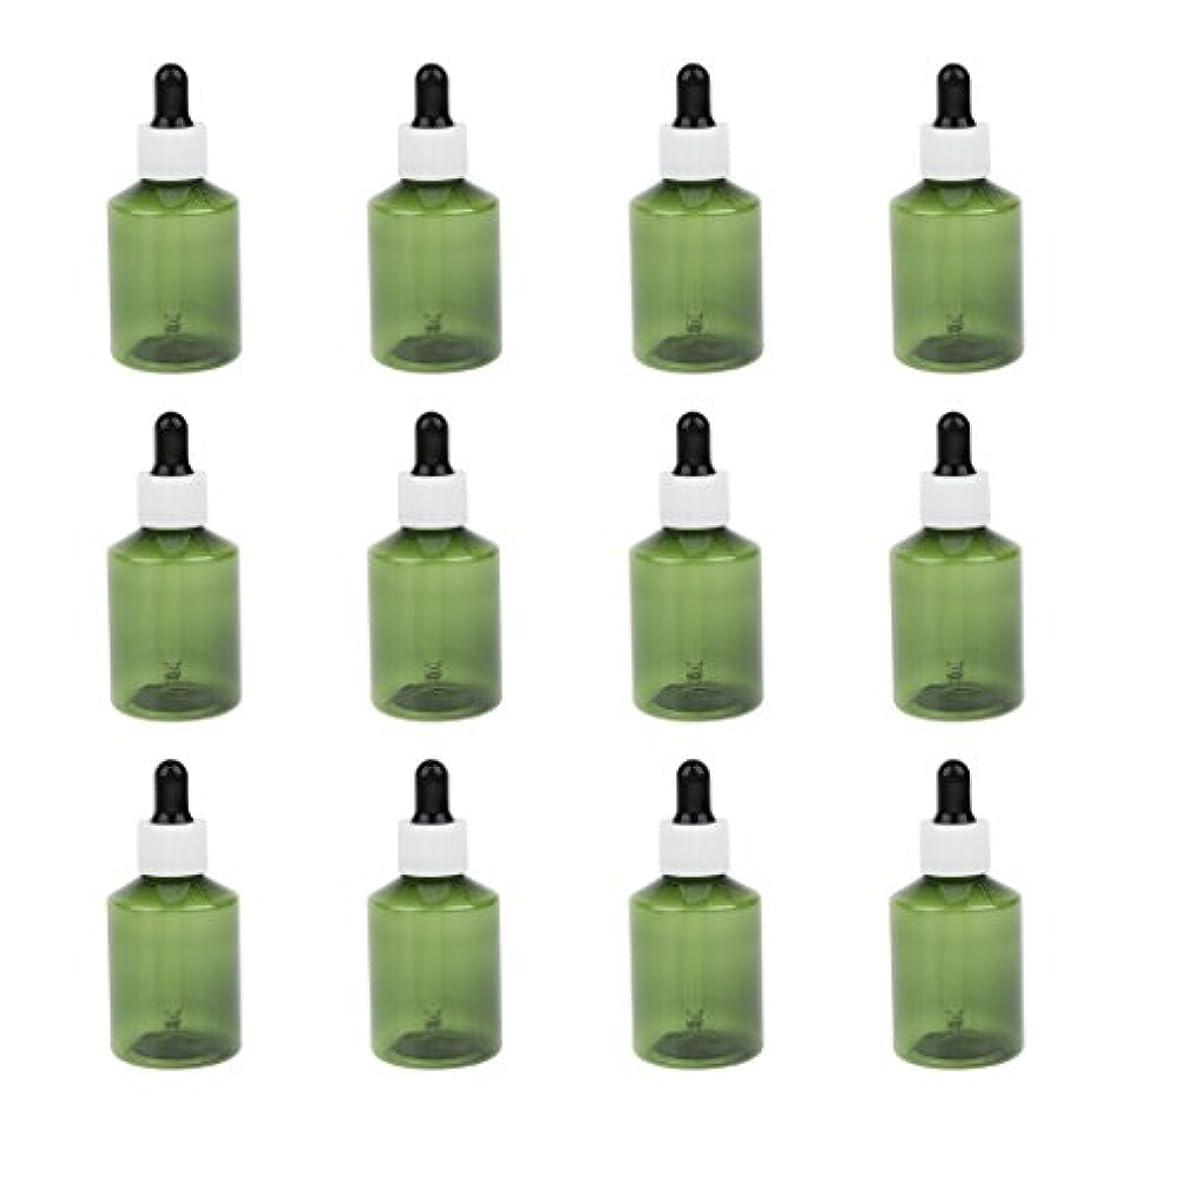 公平行薬ドロッパーボトル 詰め替え式 点滴びん 50ml エッセンシャルオイル 精油 6仕様選べ - ホワイトキャップブラックドロッパー